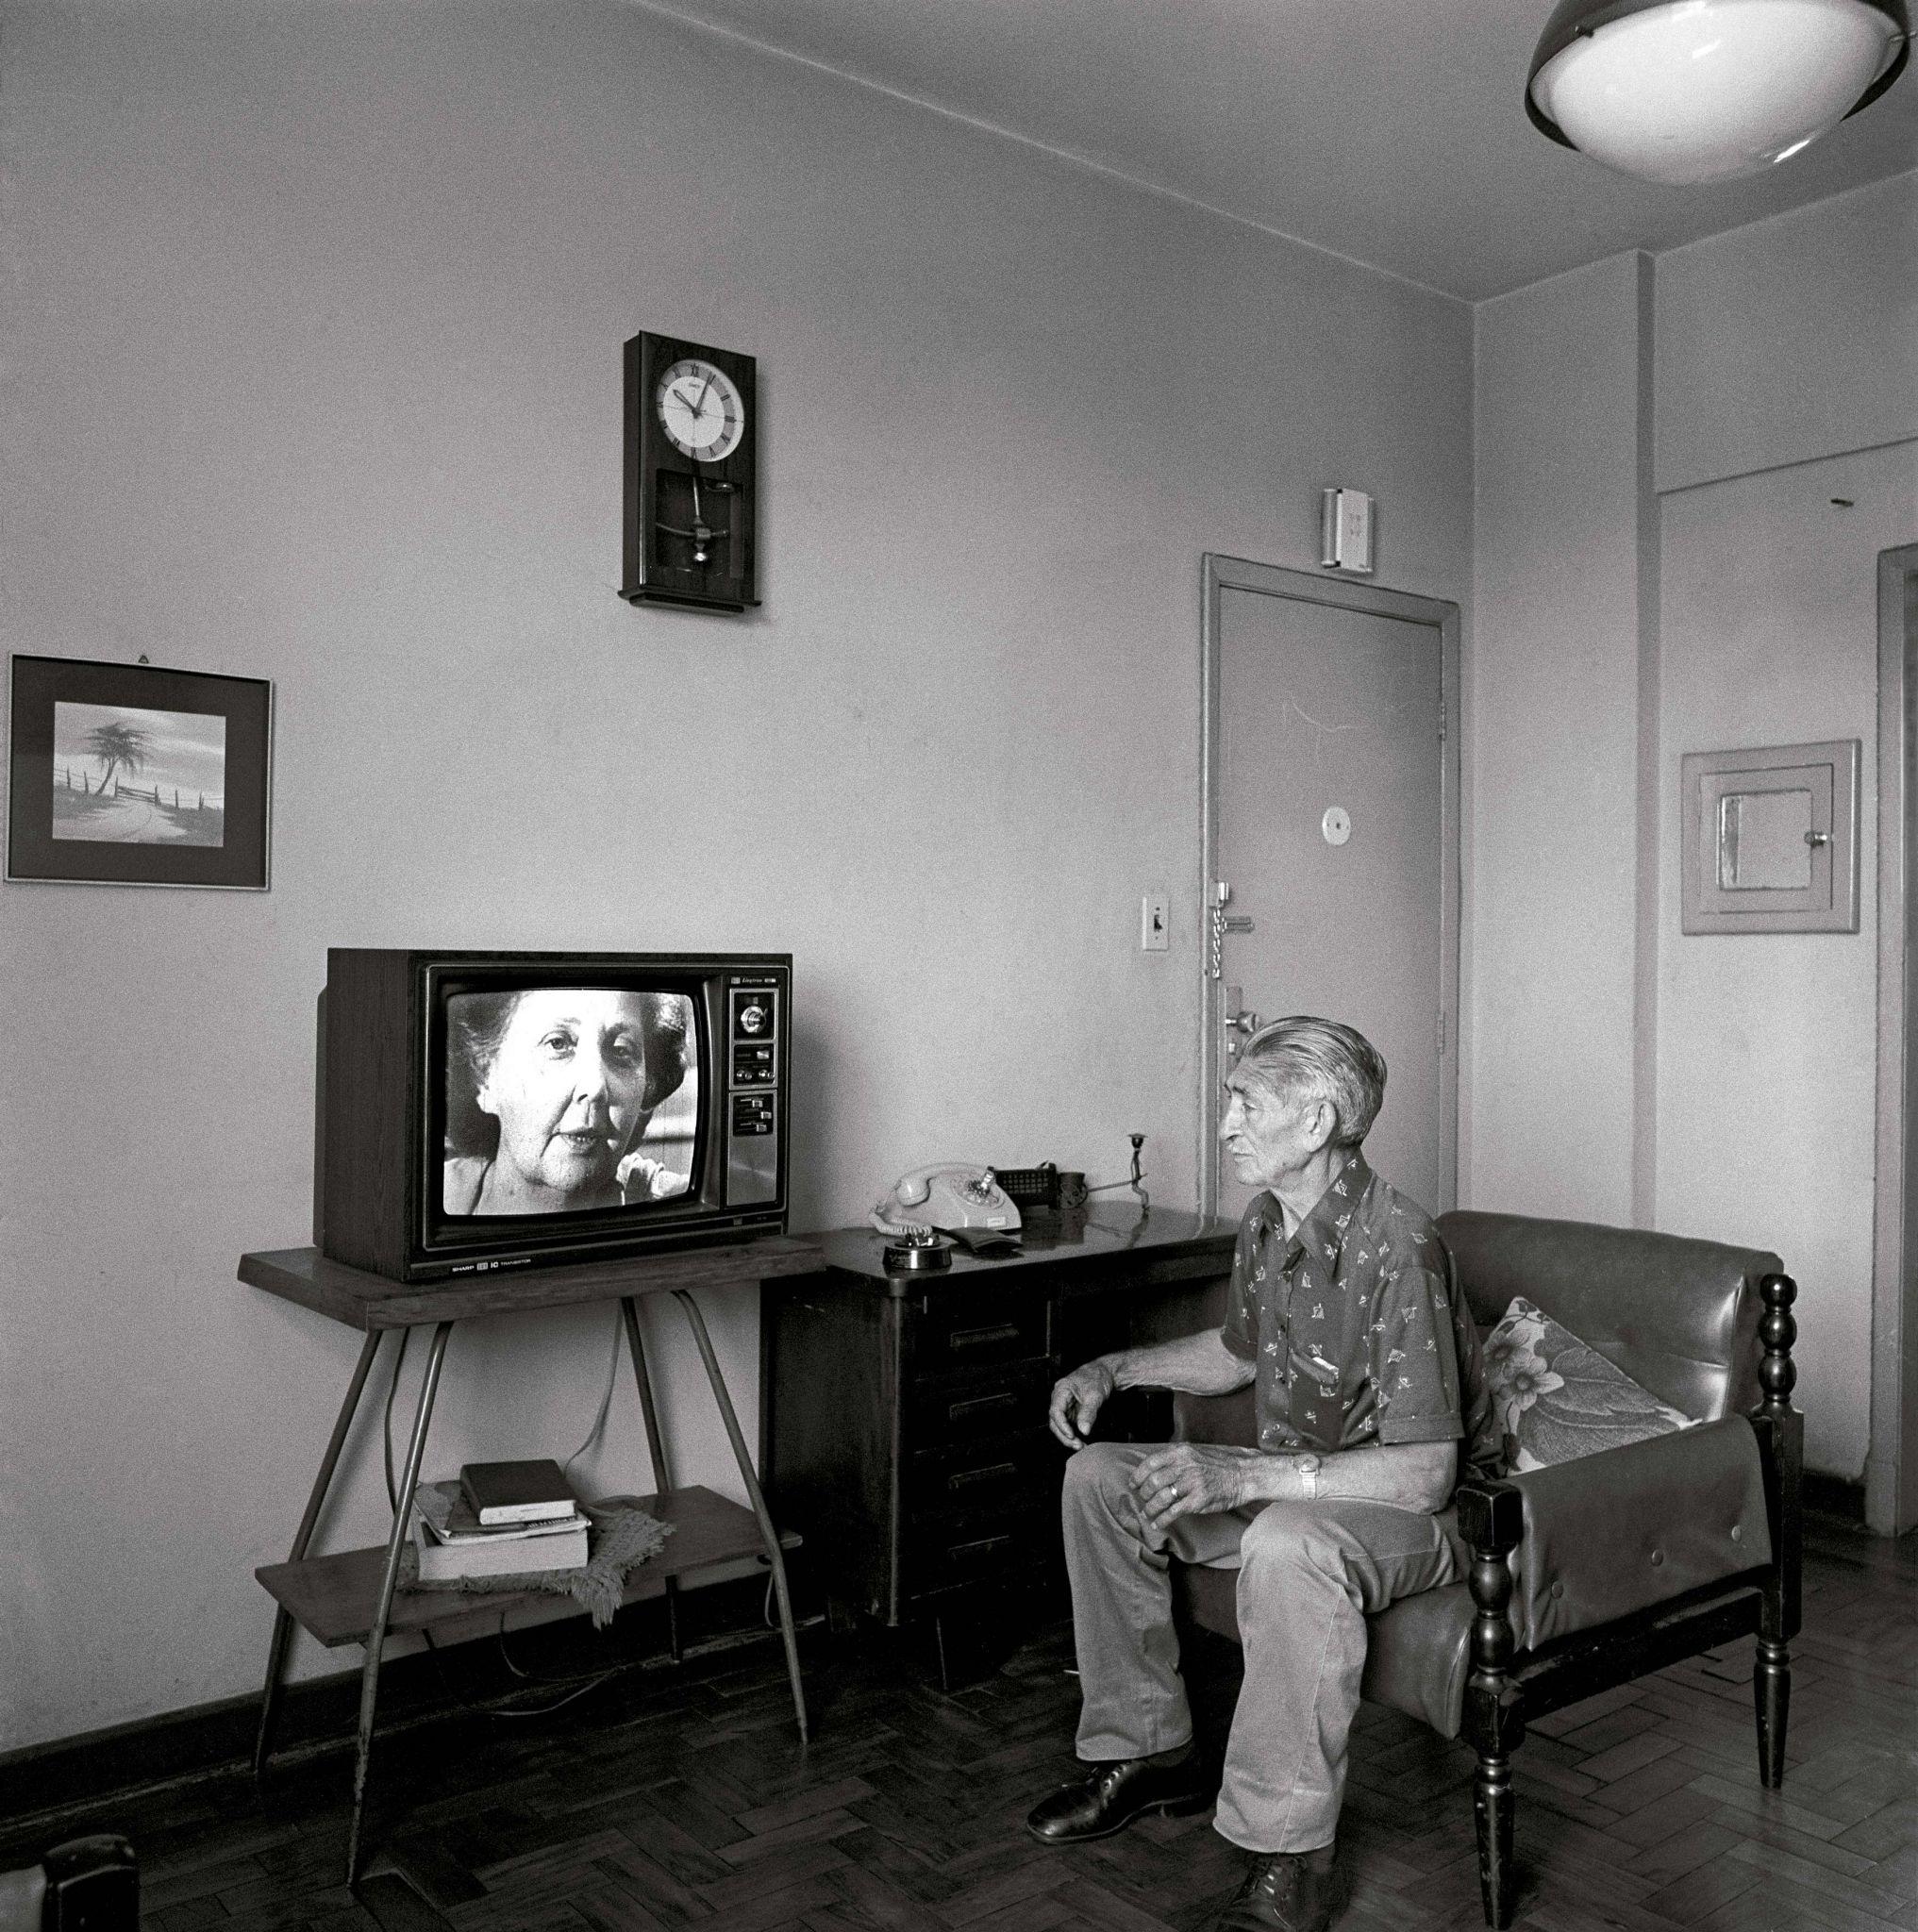 1979-45-Homem-e-televisão